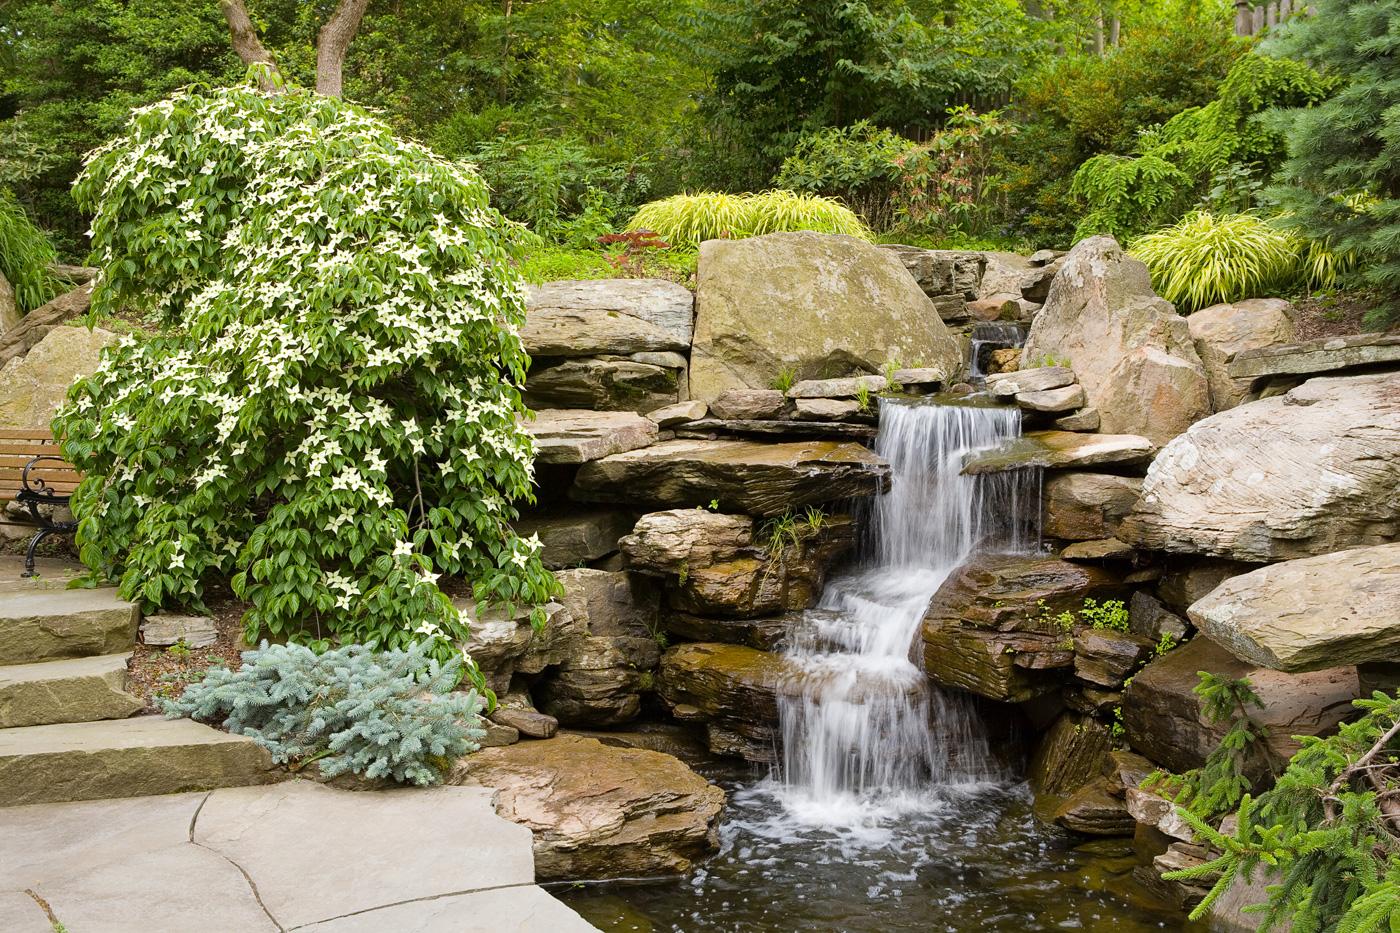 Pond Landscaping in New Jersey by Cording Landscape Design ... on Landscape Pond Design id=29462